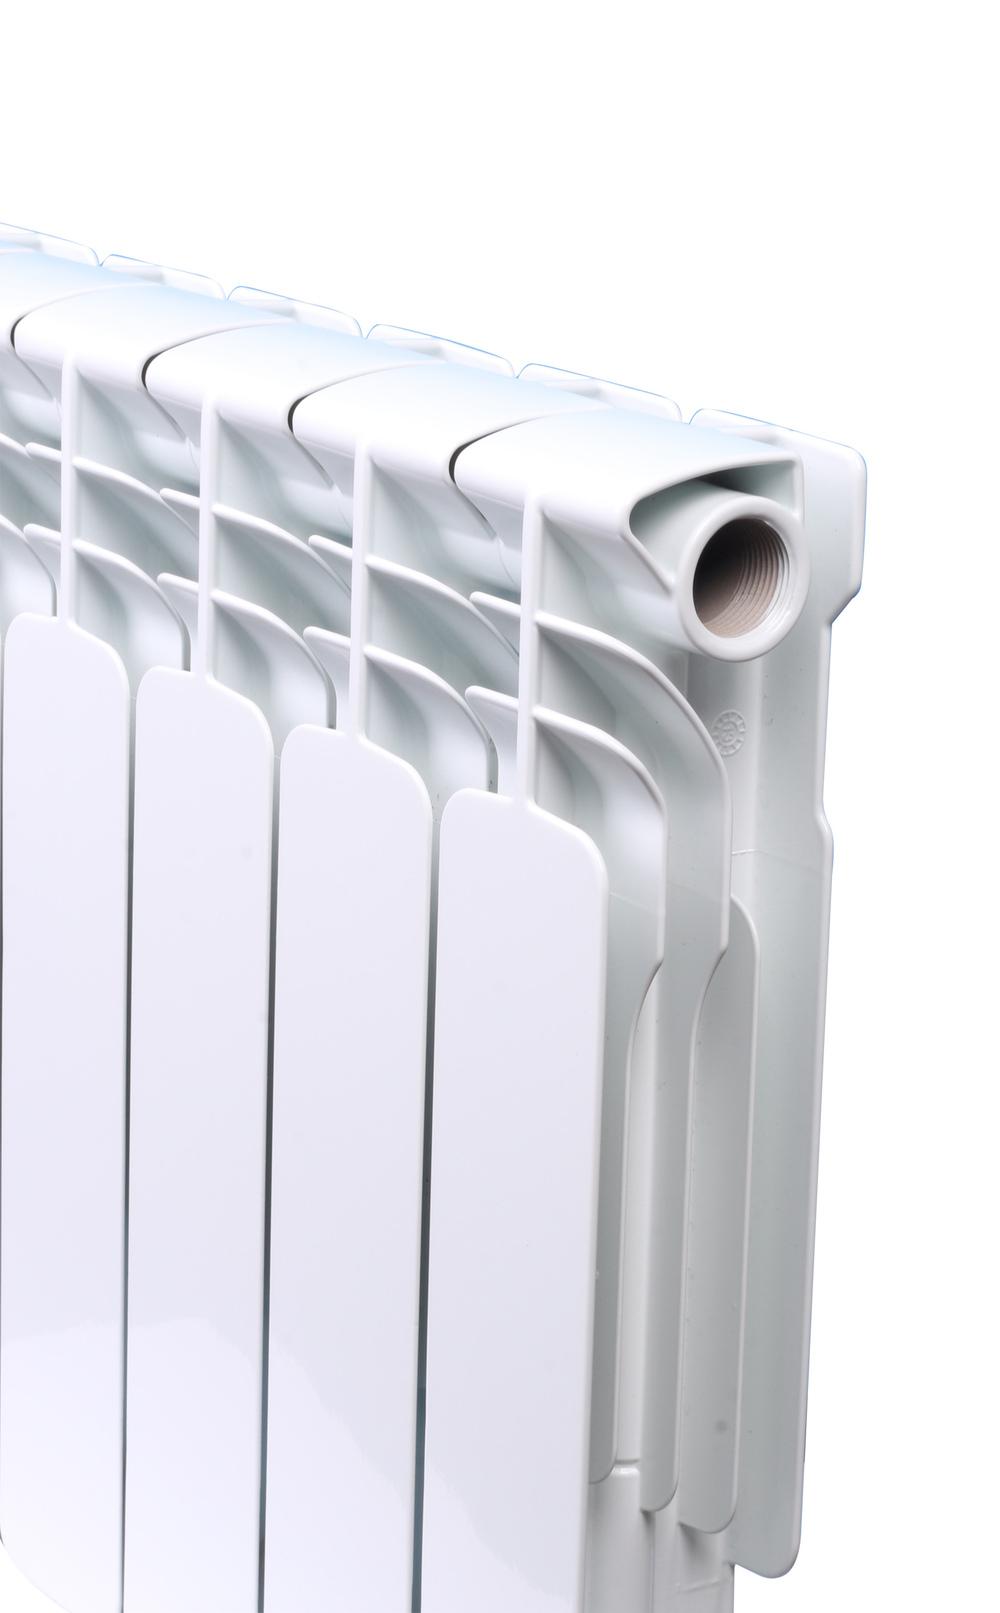 Chauffage central en aluminium radiateur chauffage bimétallique ...